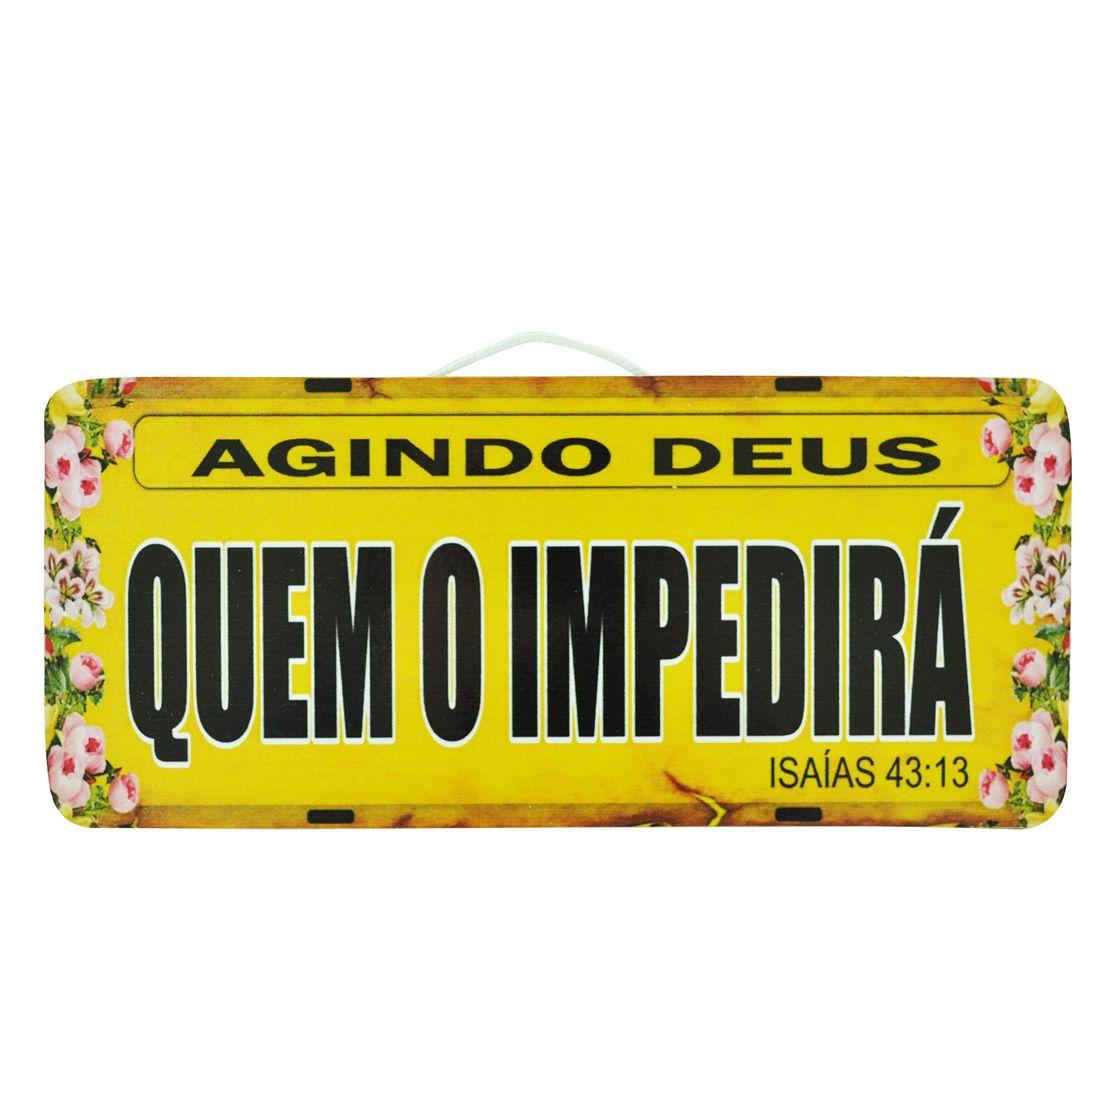 PLACA_CARRO_AGINDO_DEUS_QUEM_O_IMPEDIRA_MDF_FRENTE